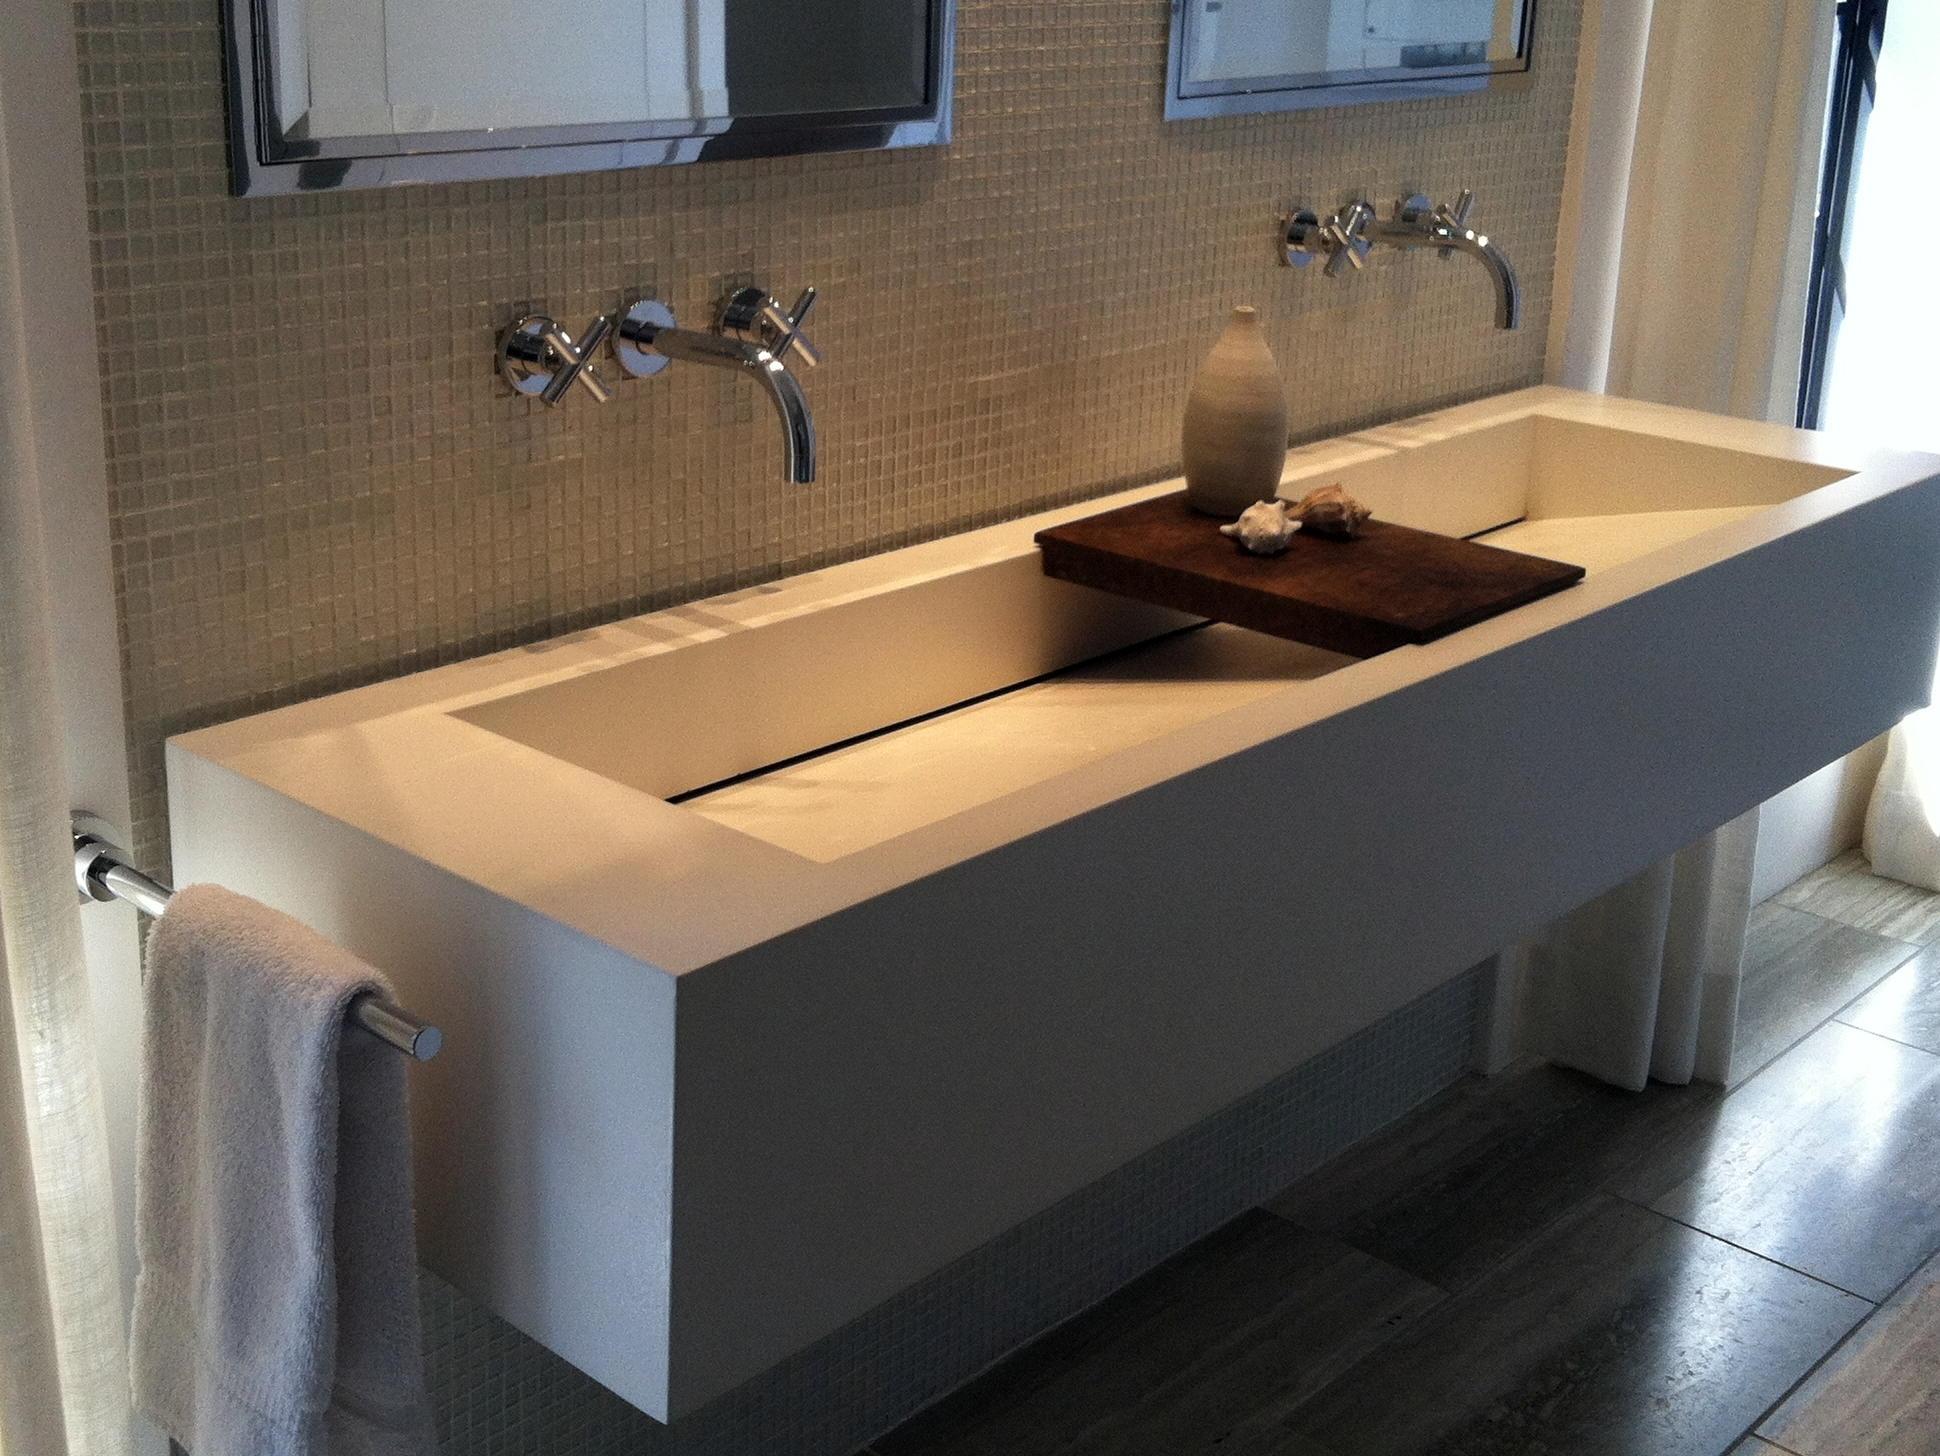 Ideas, 36 double faucet trough sink 36 double faucet trough sink trough sink bathroom bathroom sinks decoration 1940 x 1456  .